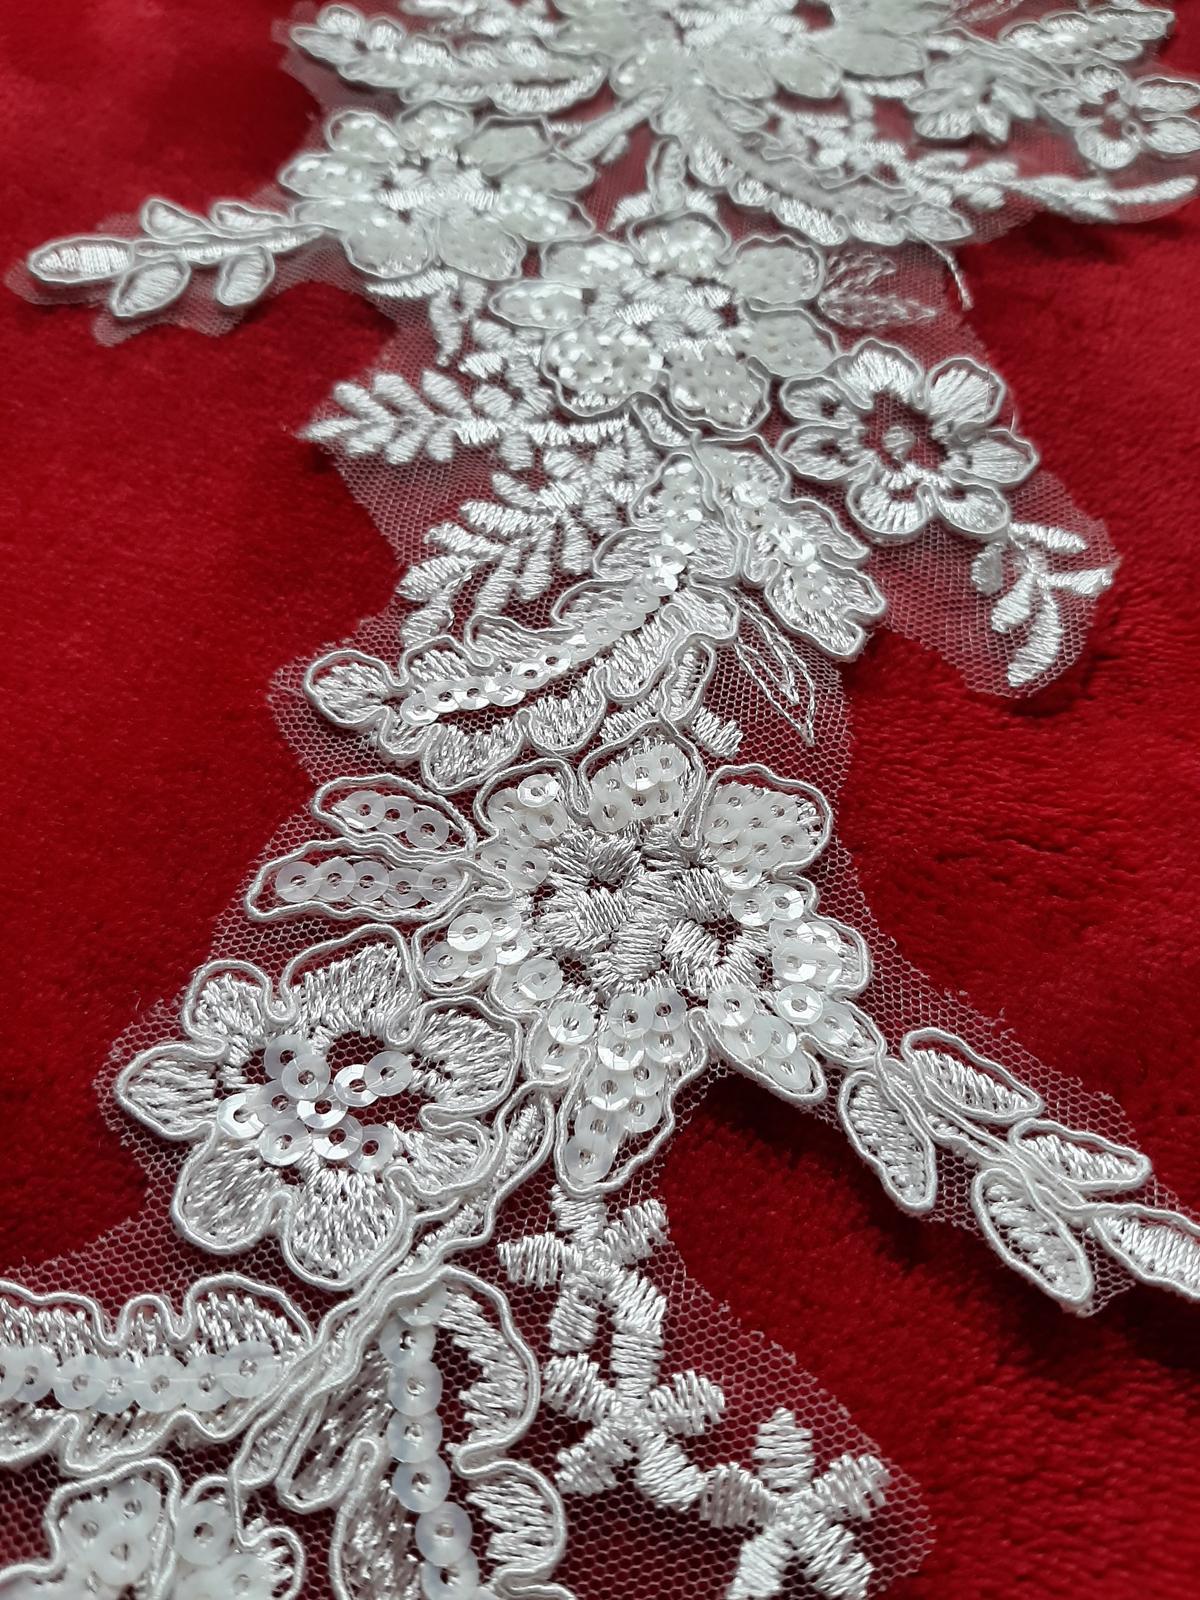 Čipka-krásny dekor na šaty, závoj - Obrázok č. 1